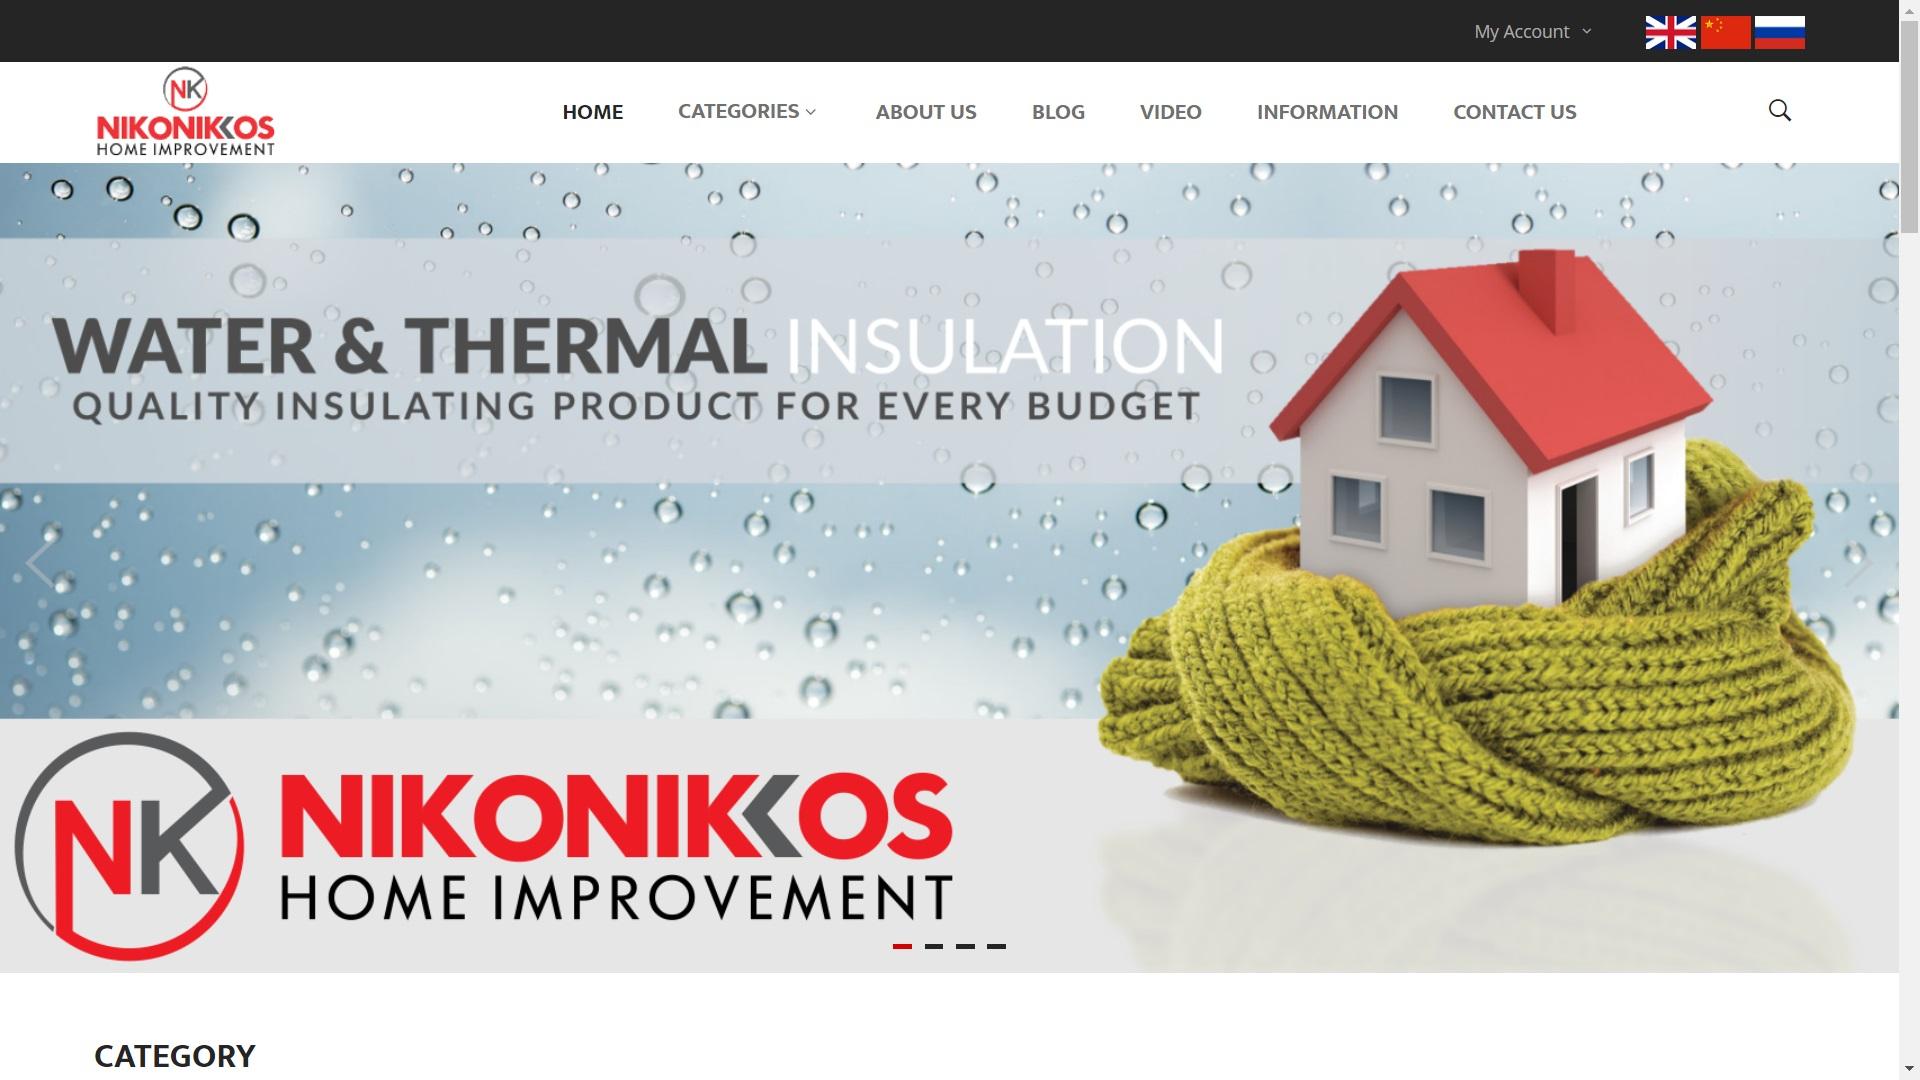 NIKONIKKOS.COM